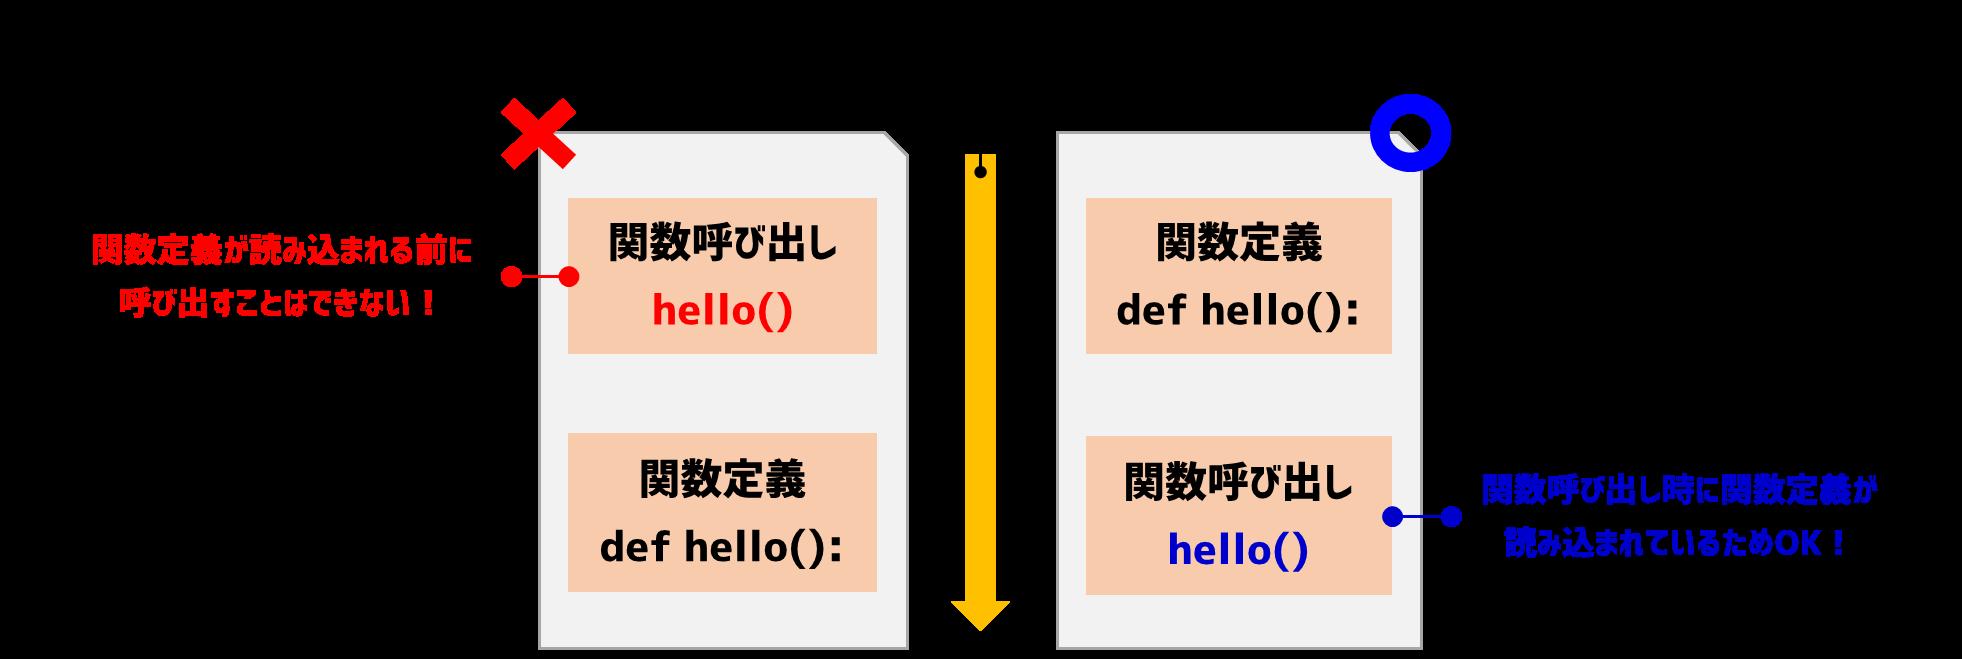 関数定義場所の制約